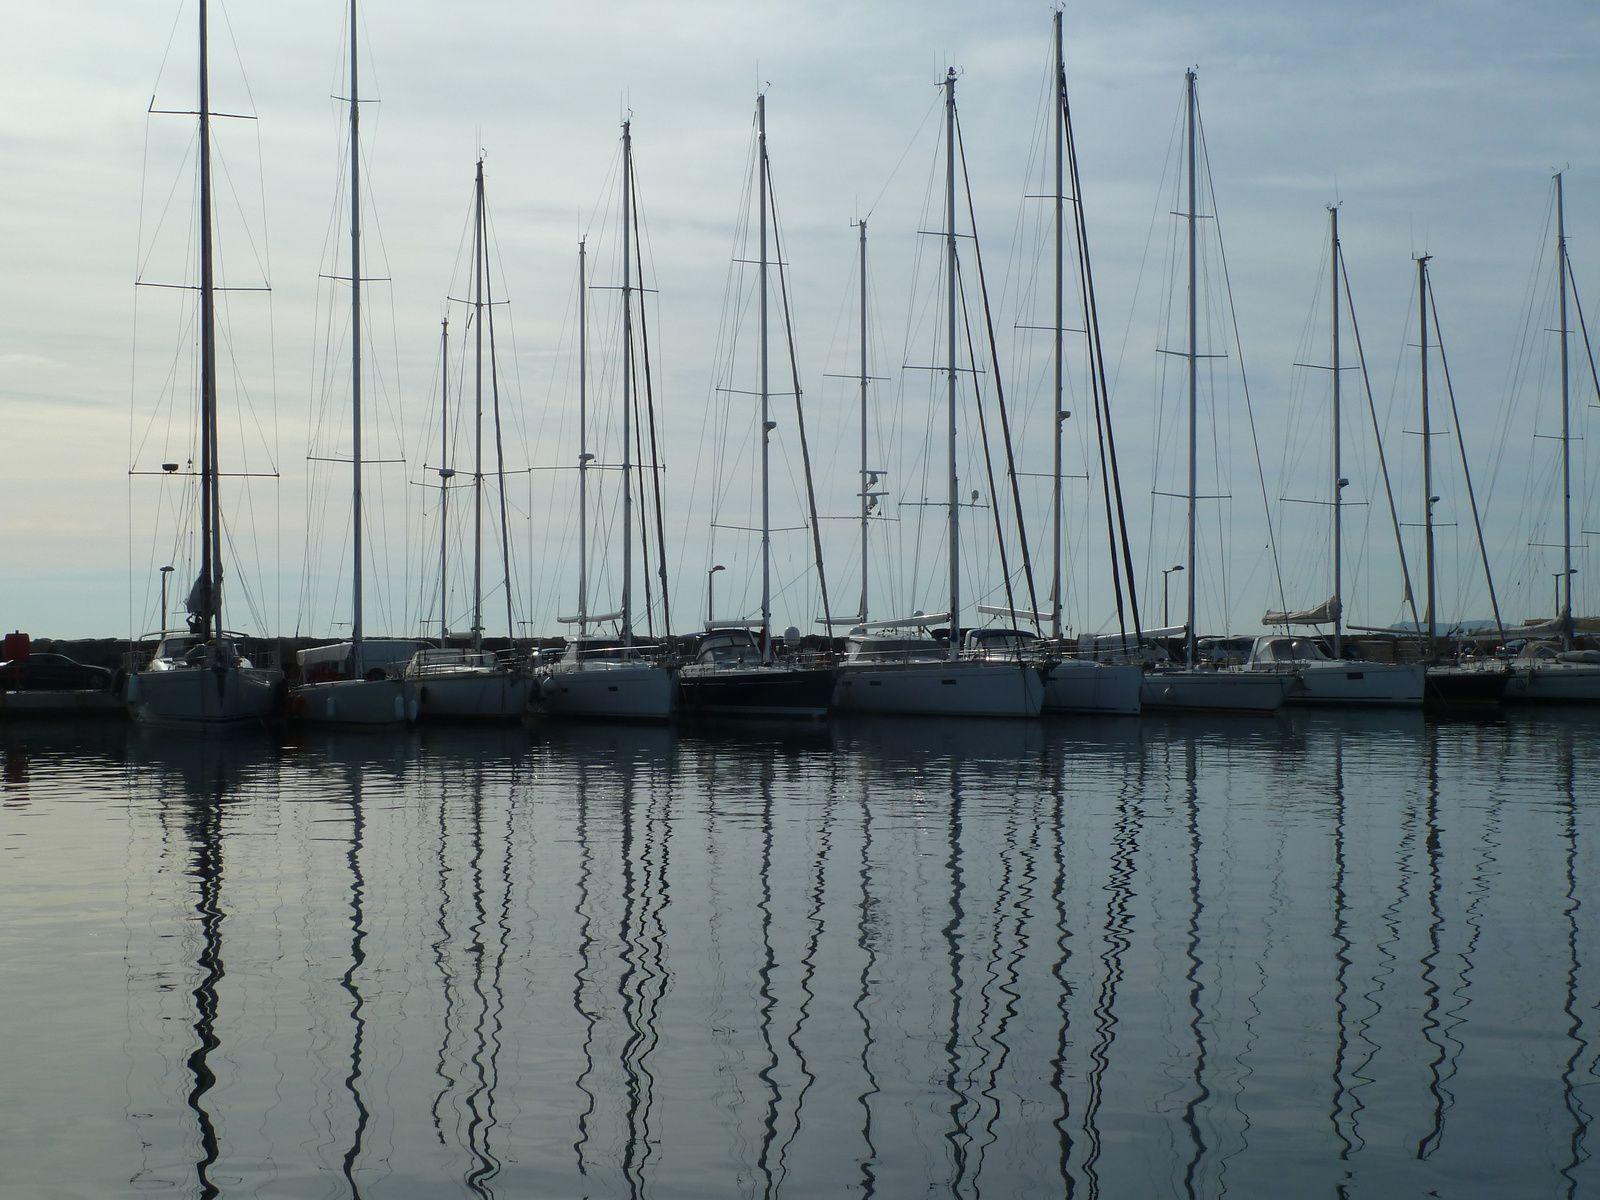 Un petit bateau de pêche fraichement repeint perdu parmi les voiliers de plaisance.